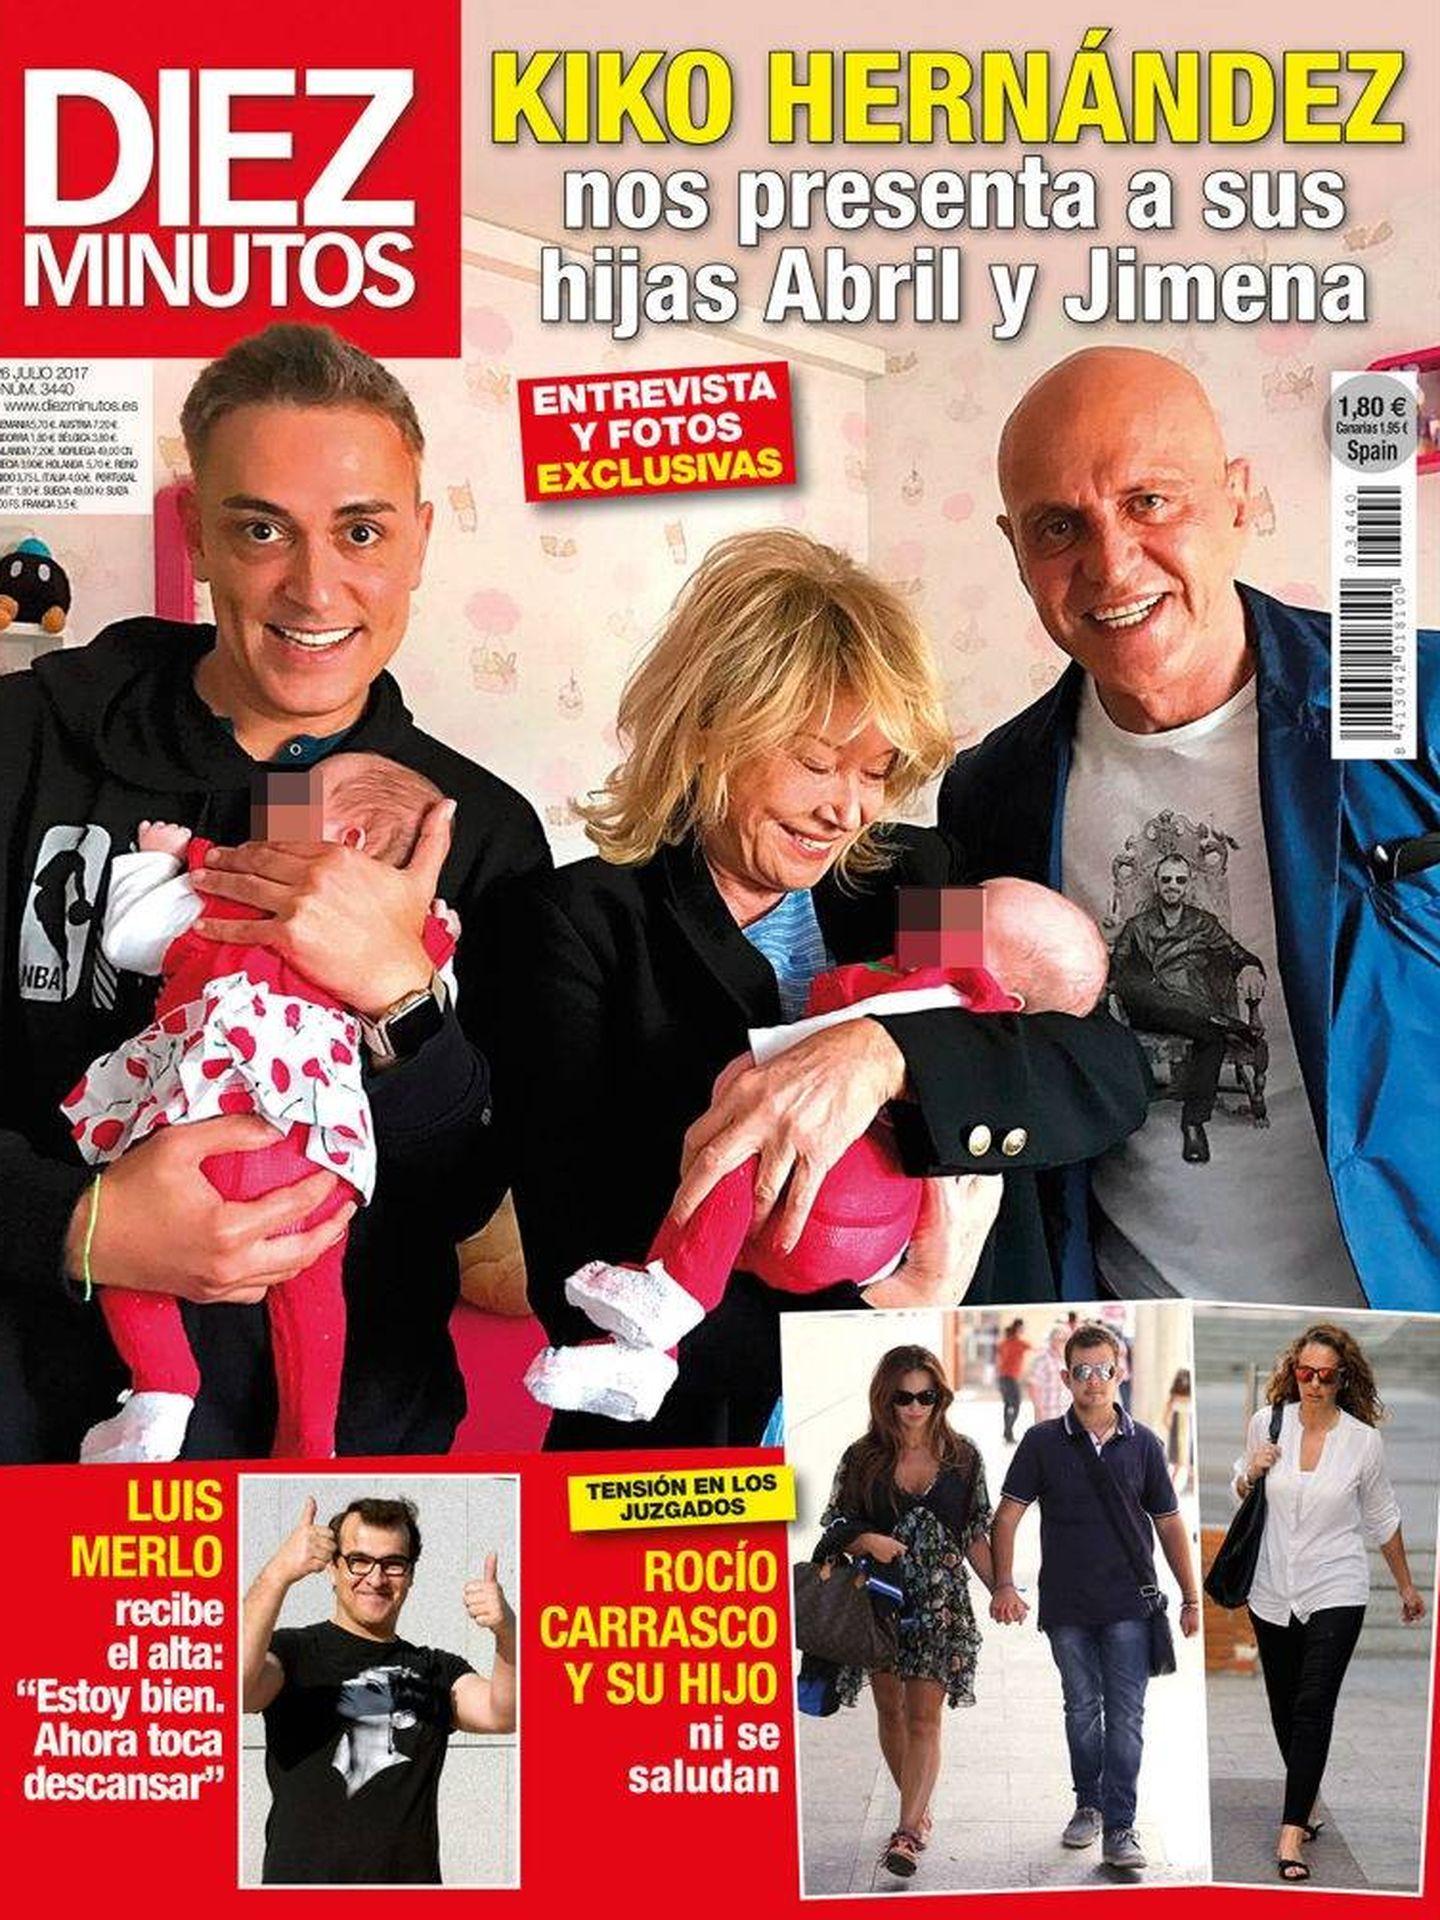 Portada de la revista 'Diez Minutos' con las hijas de Kiko Hernández.